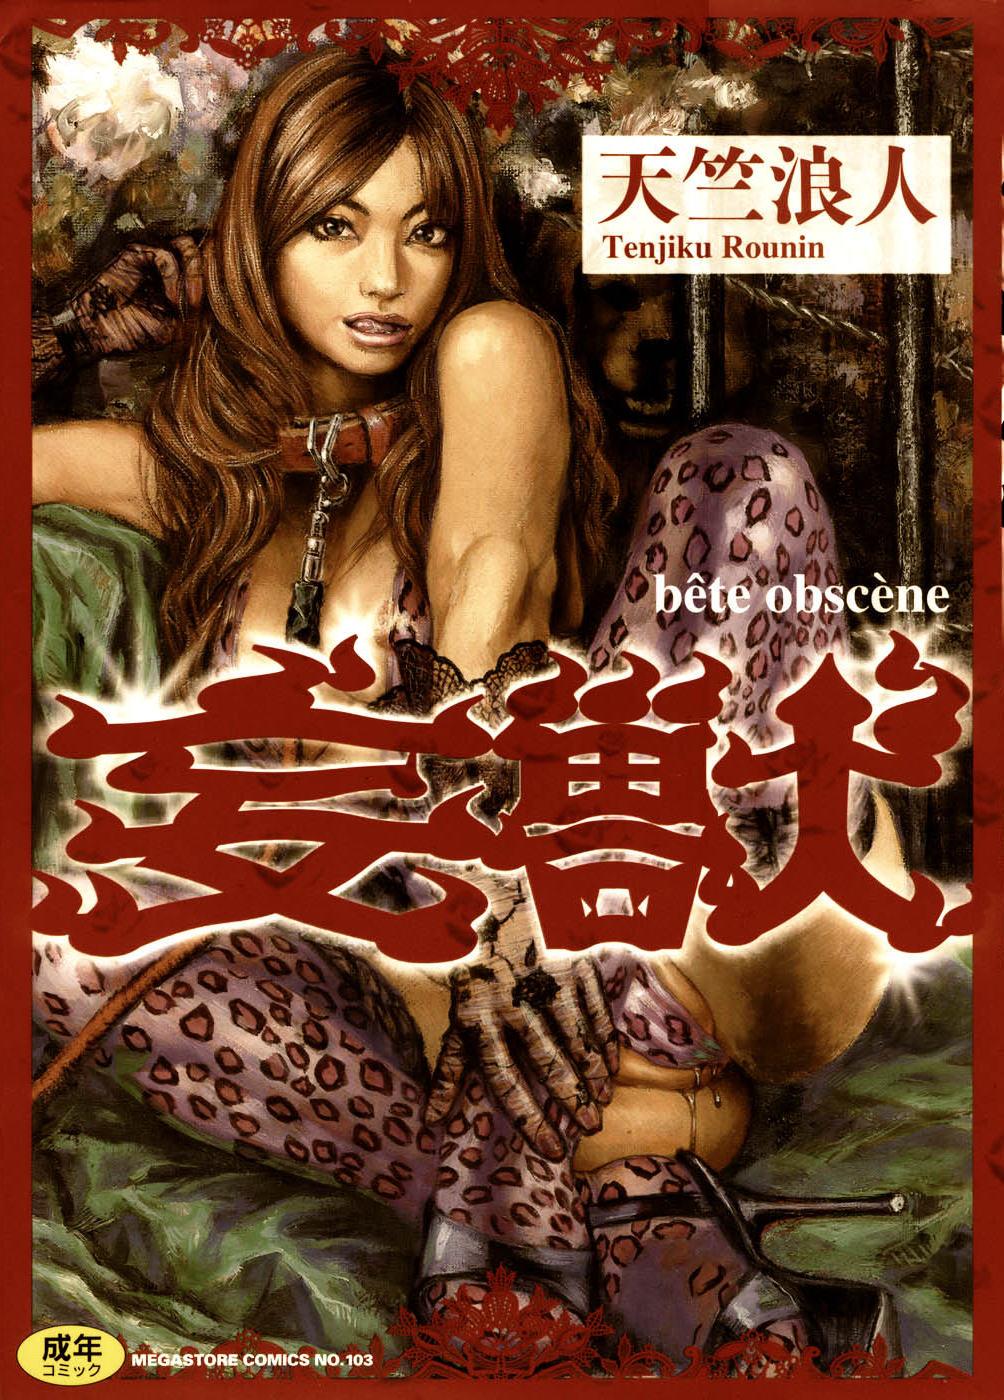 bete obscene www hentairules net 000